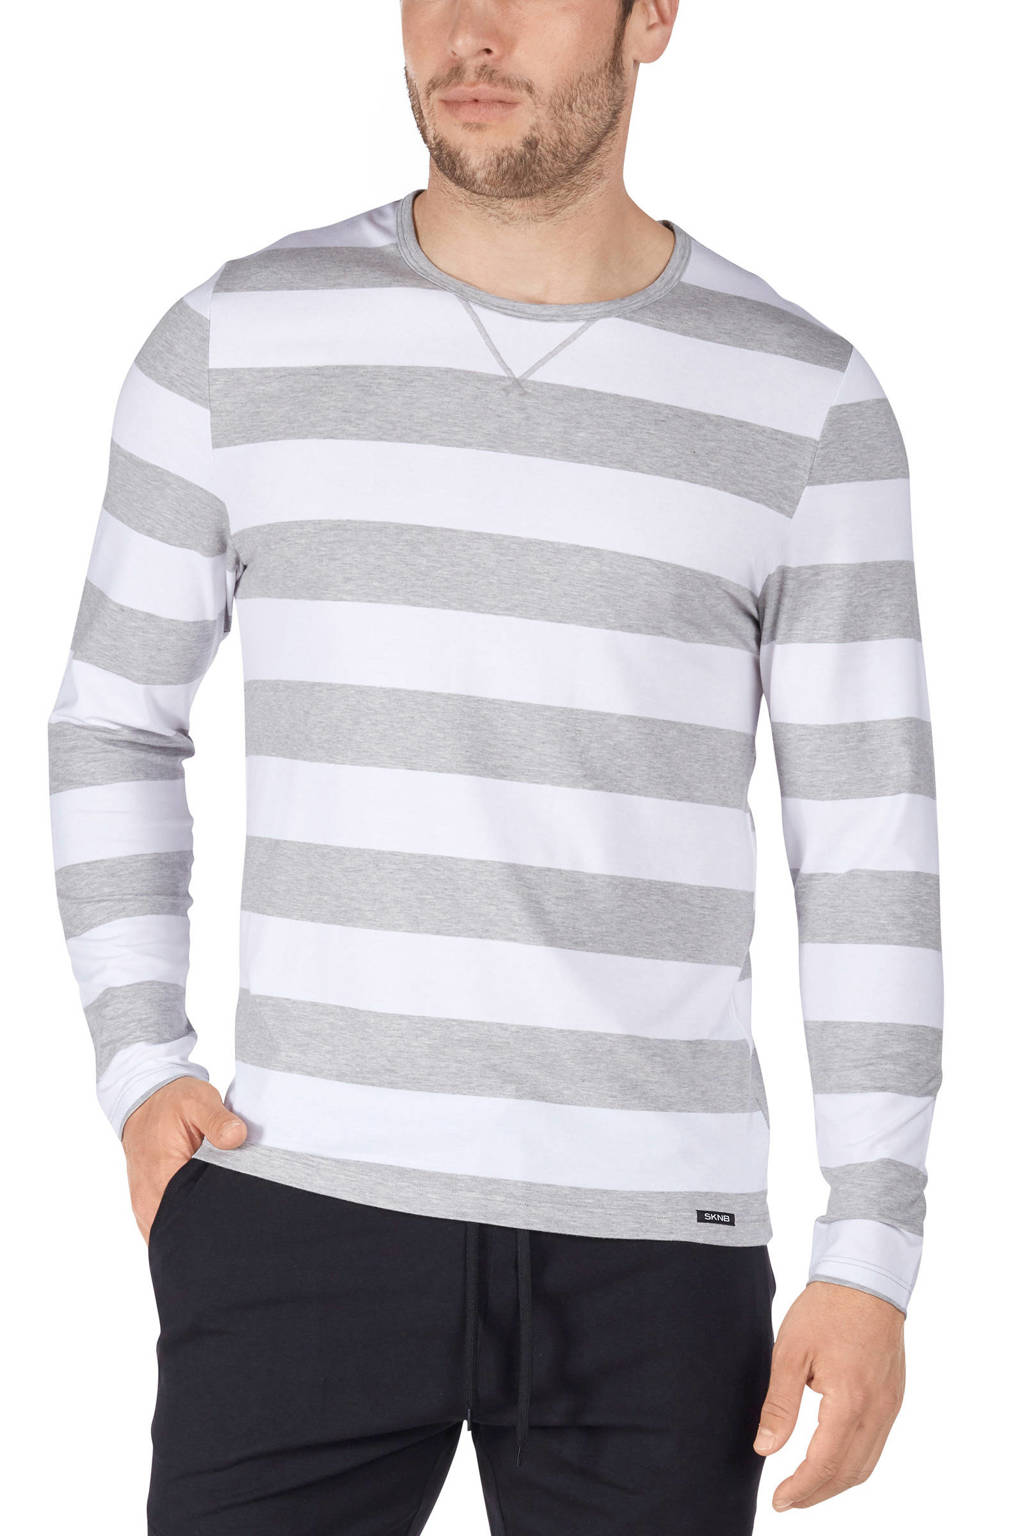 SKINY gestreepte pyjamatop grijs/wit, Grijs/wit